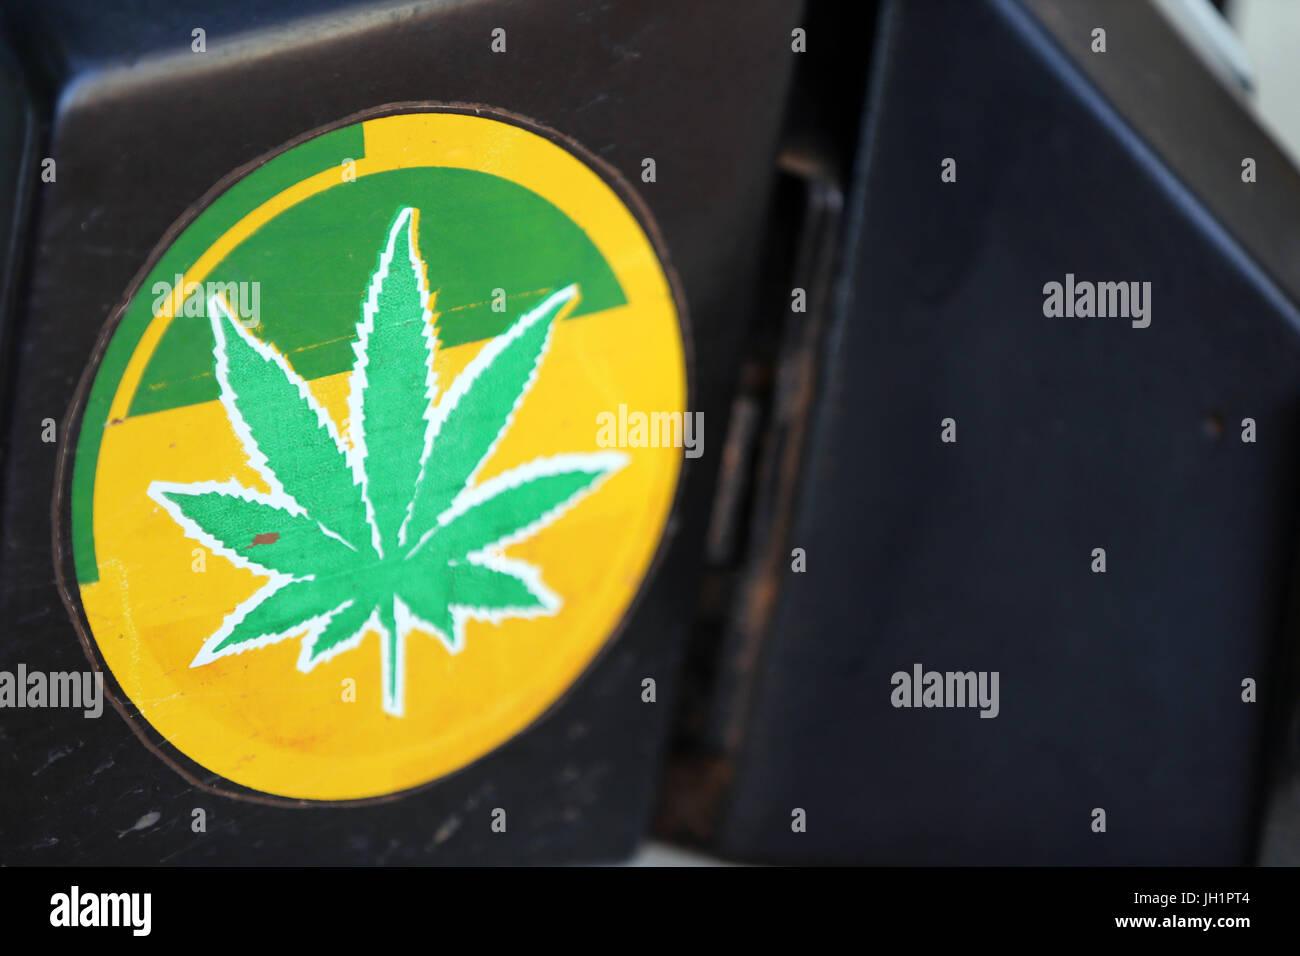 Marijuna sticker.  Togoville. Togo. - Stock Image